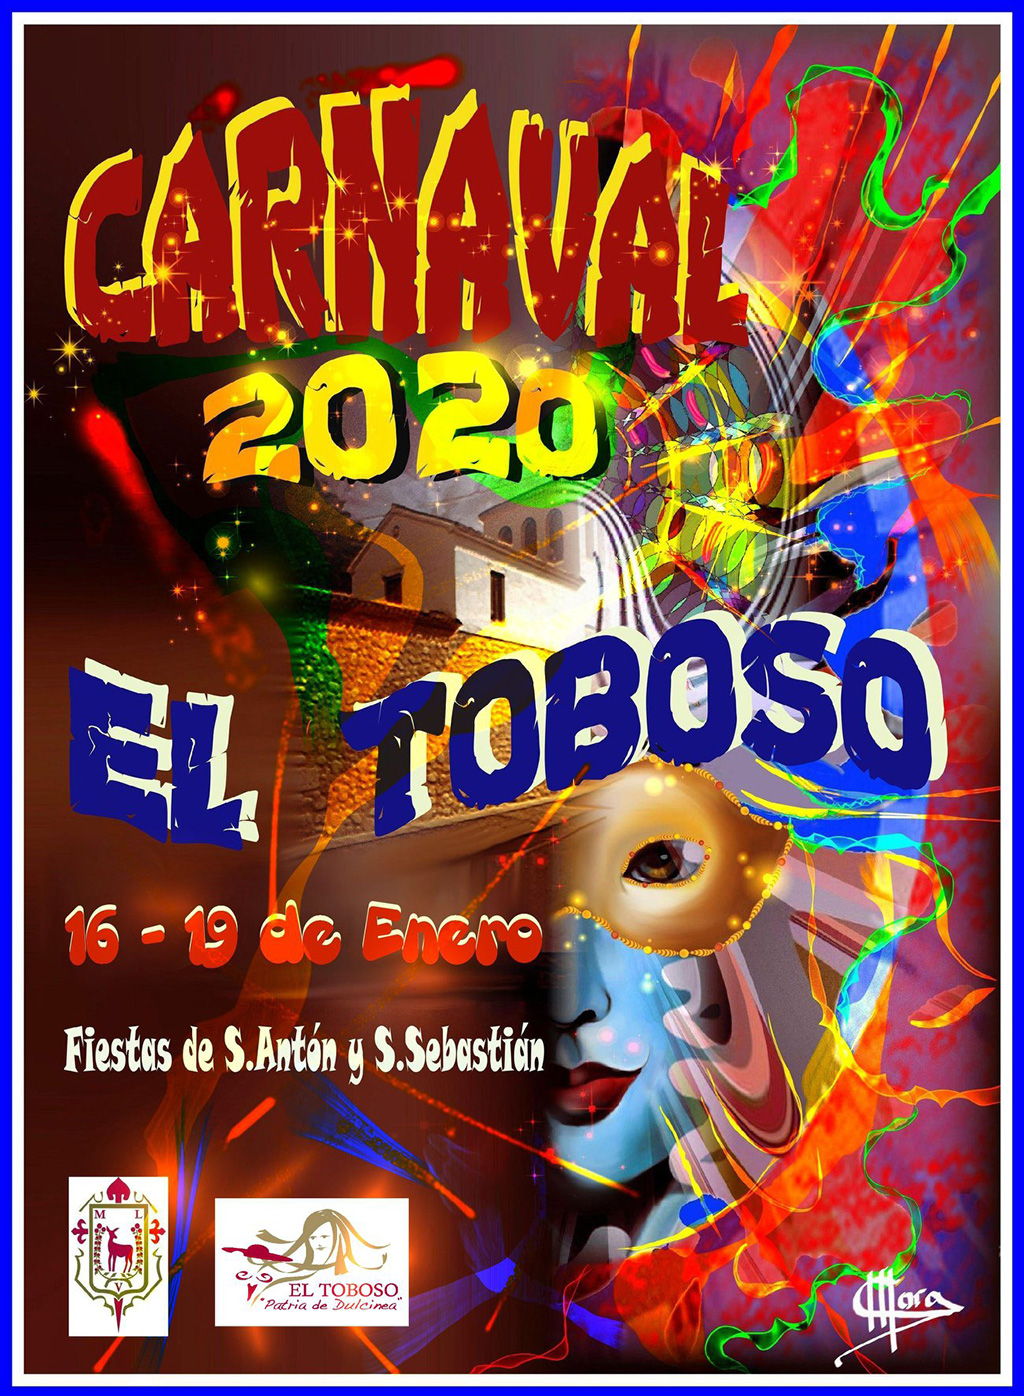 Cartel Carnaval El Toboso 2020